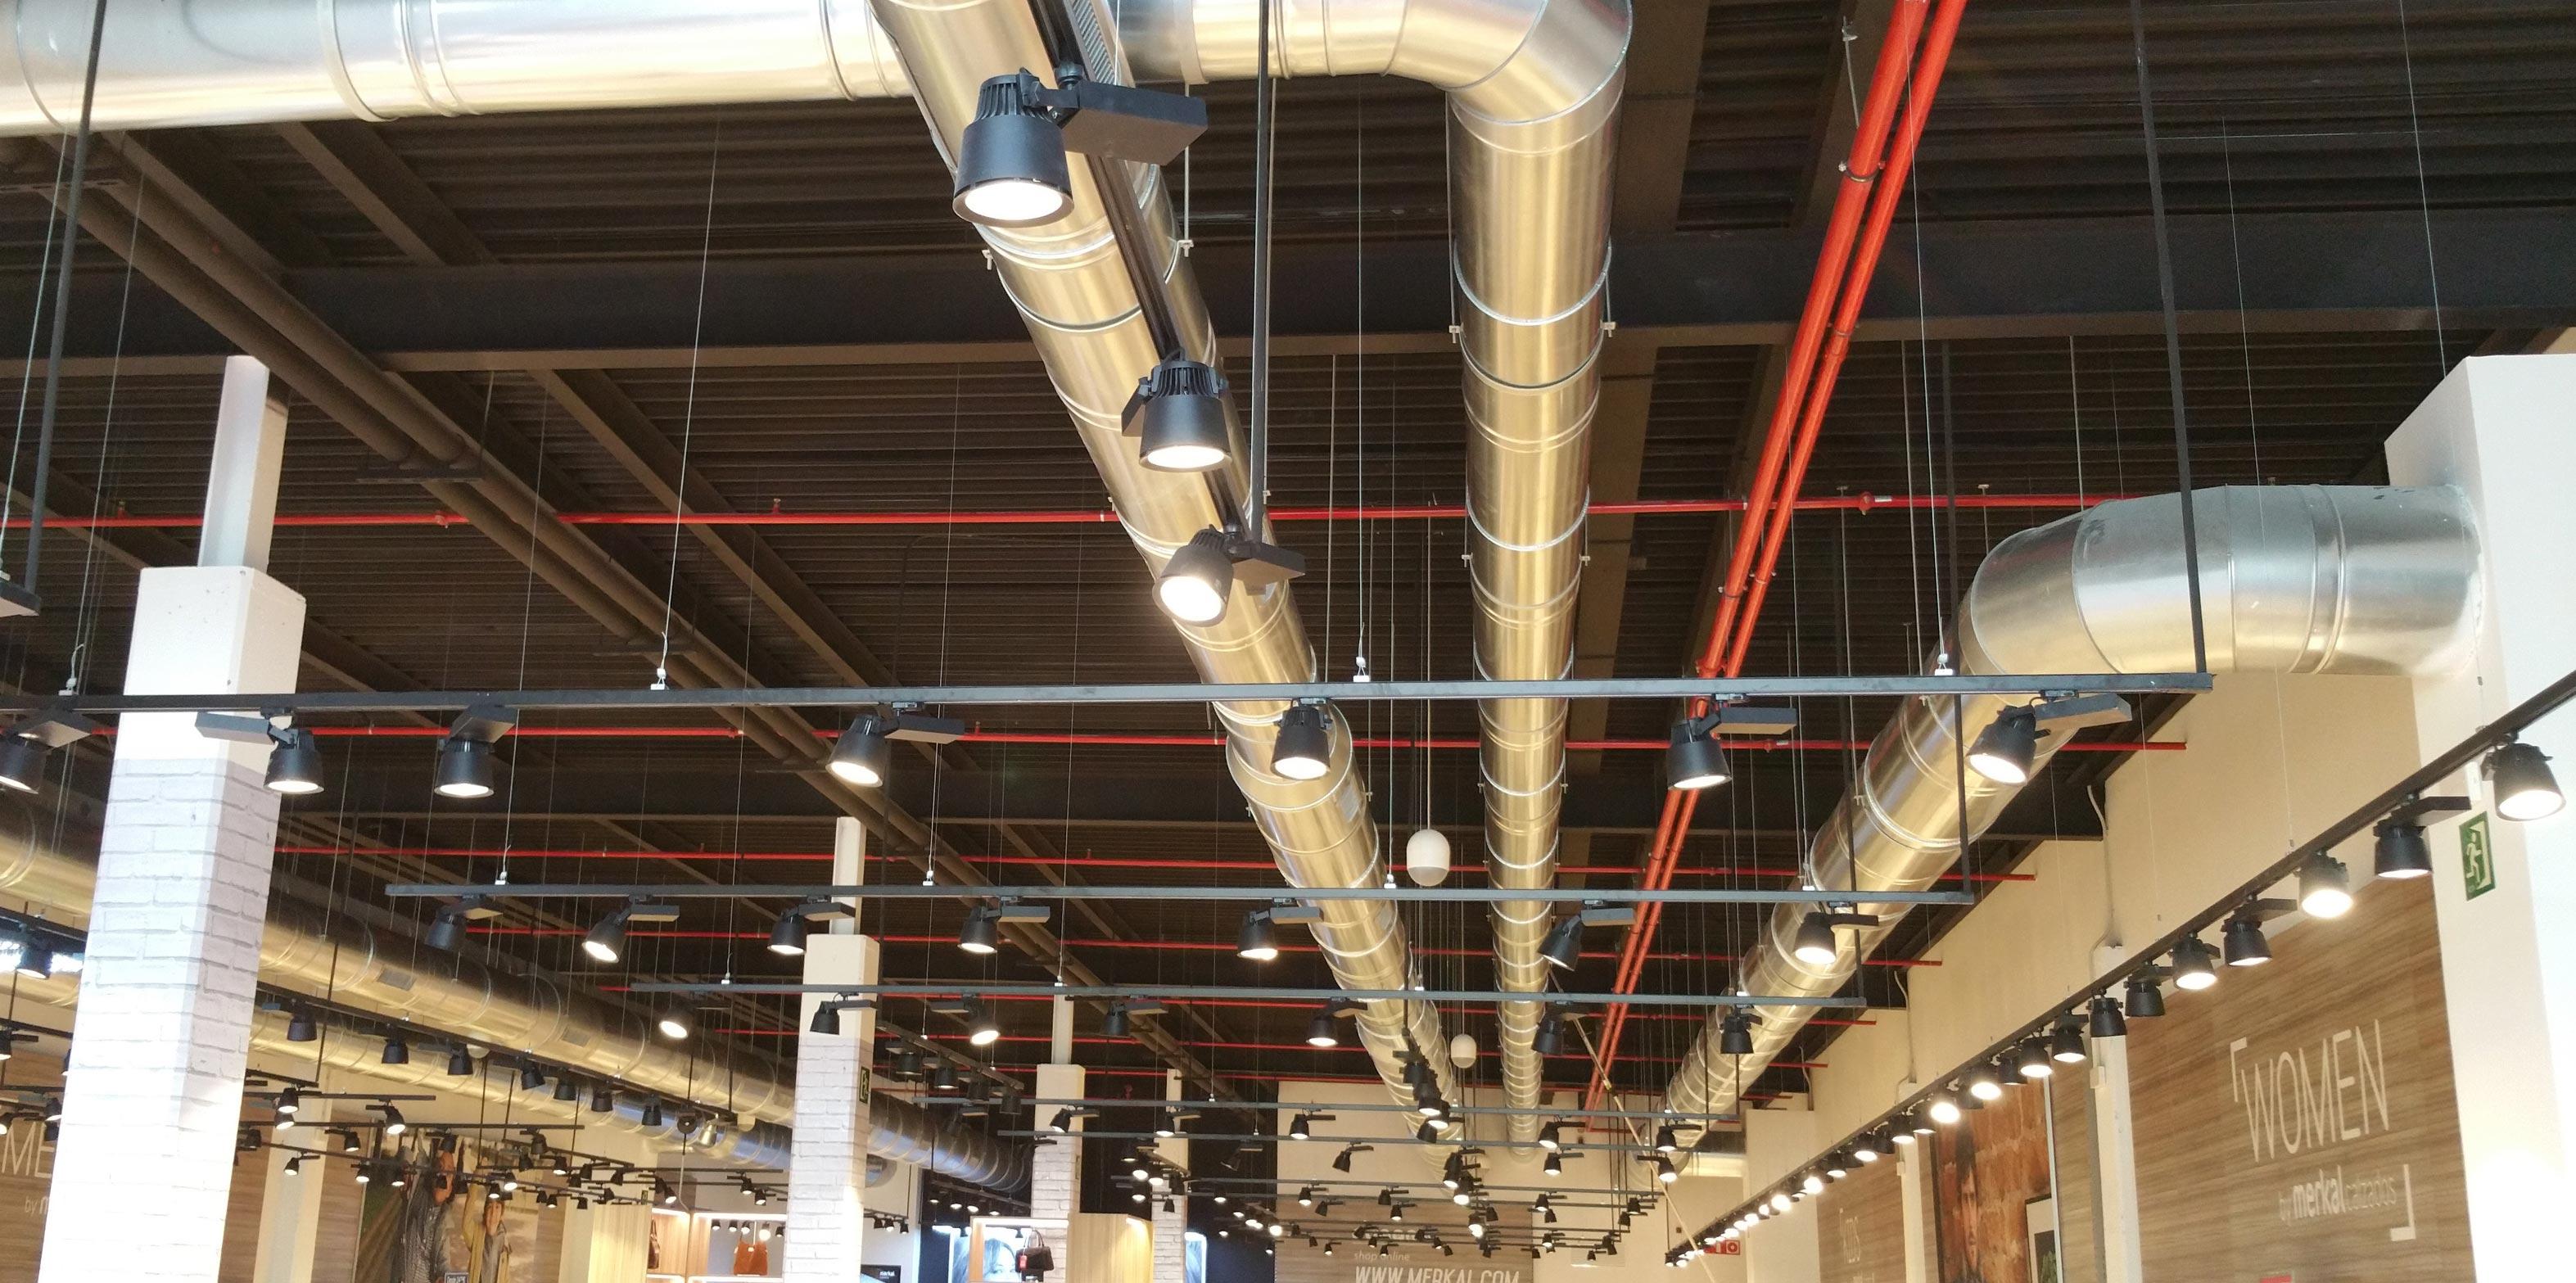 acoval-instalaciones-tecnicas-sld1-1